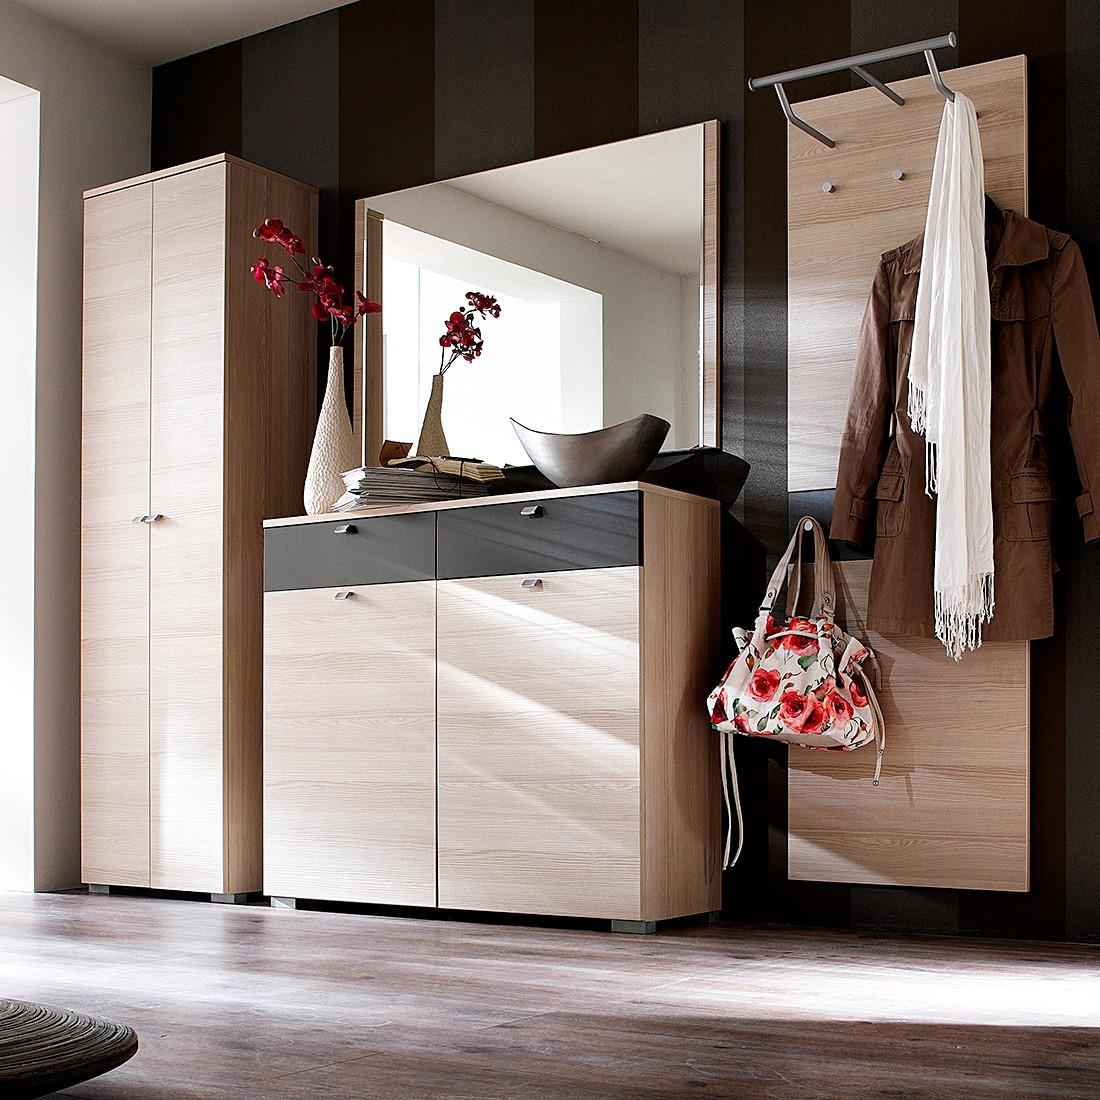 Wittenbreder garderobe sonstige preisvergleiche for Suche garderobe